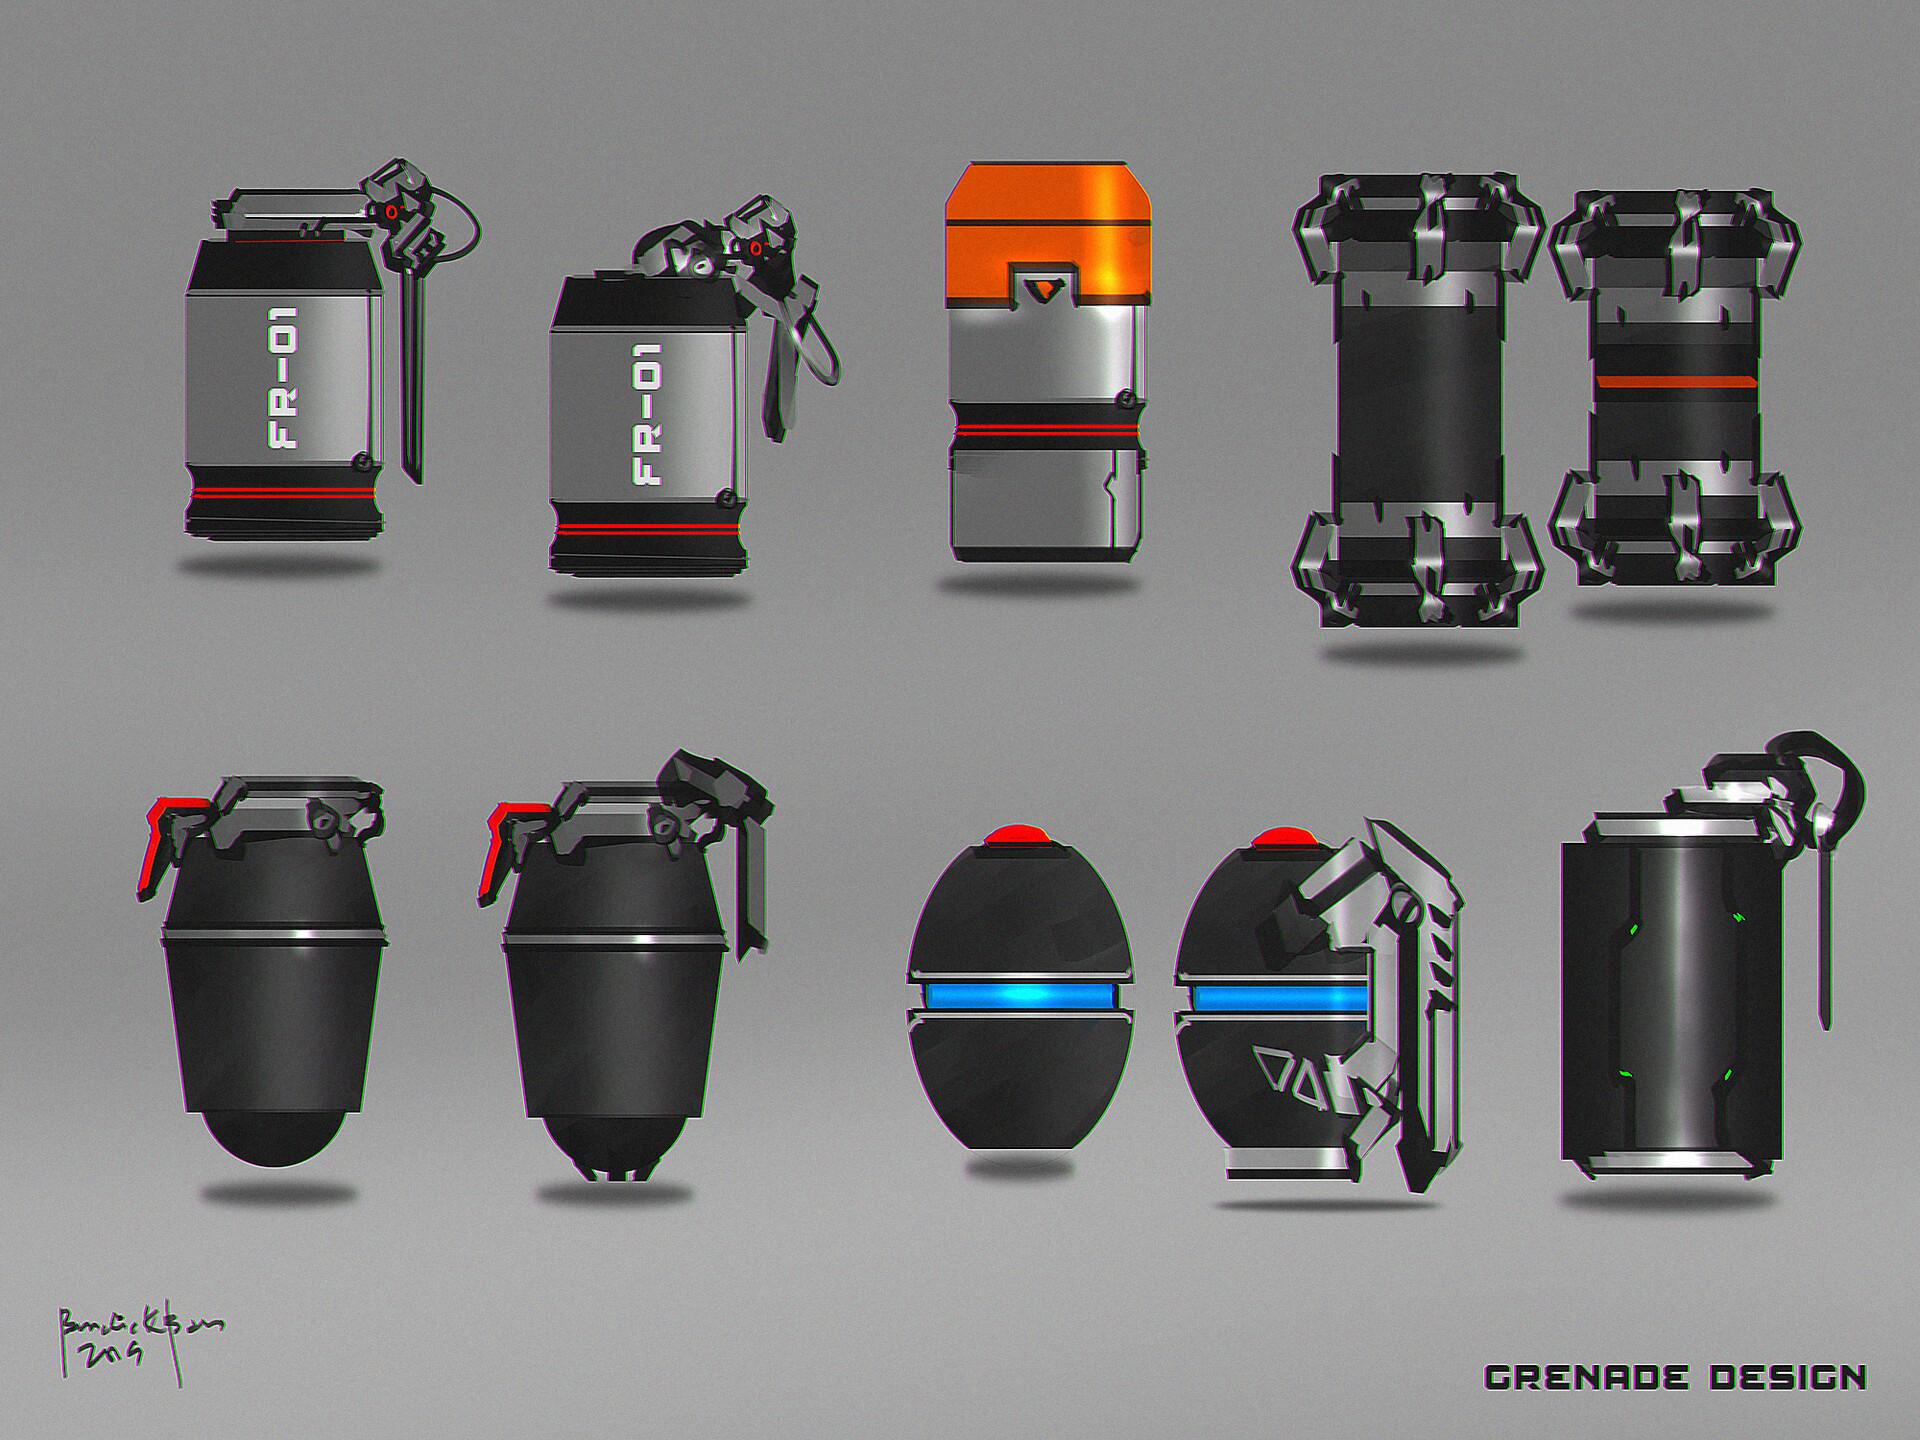 Grenade Concept Designs